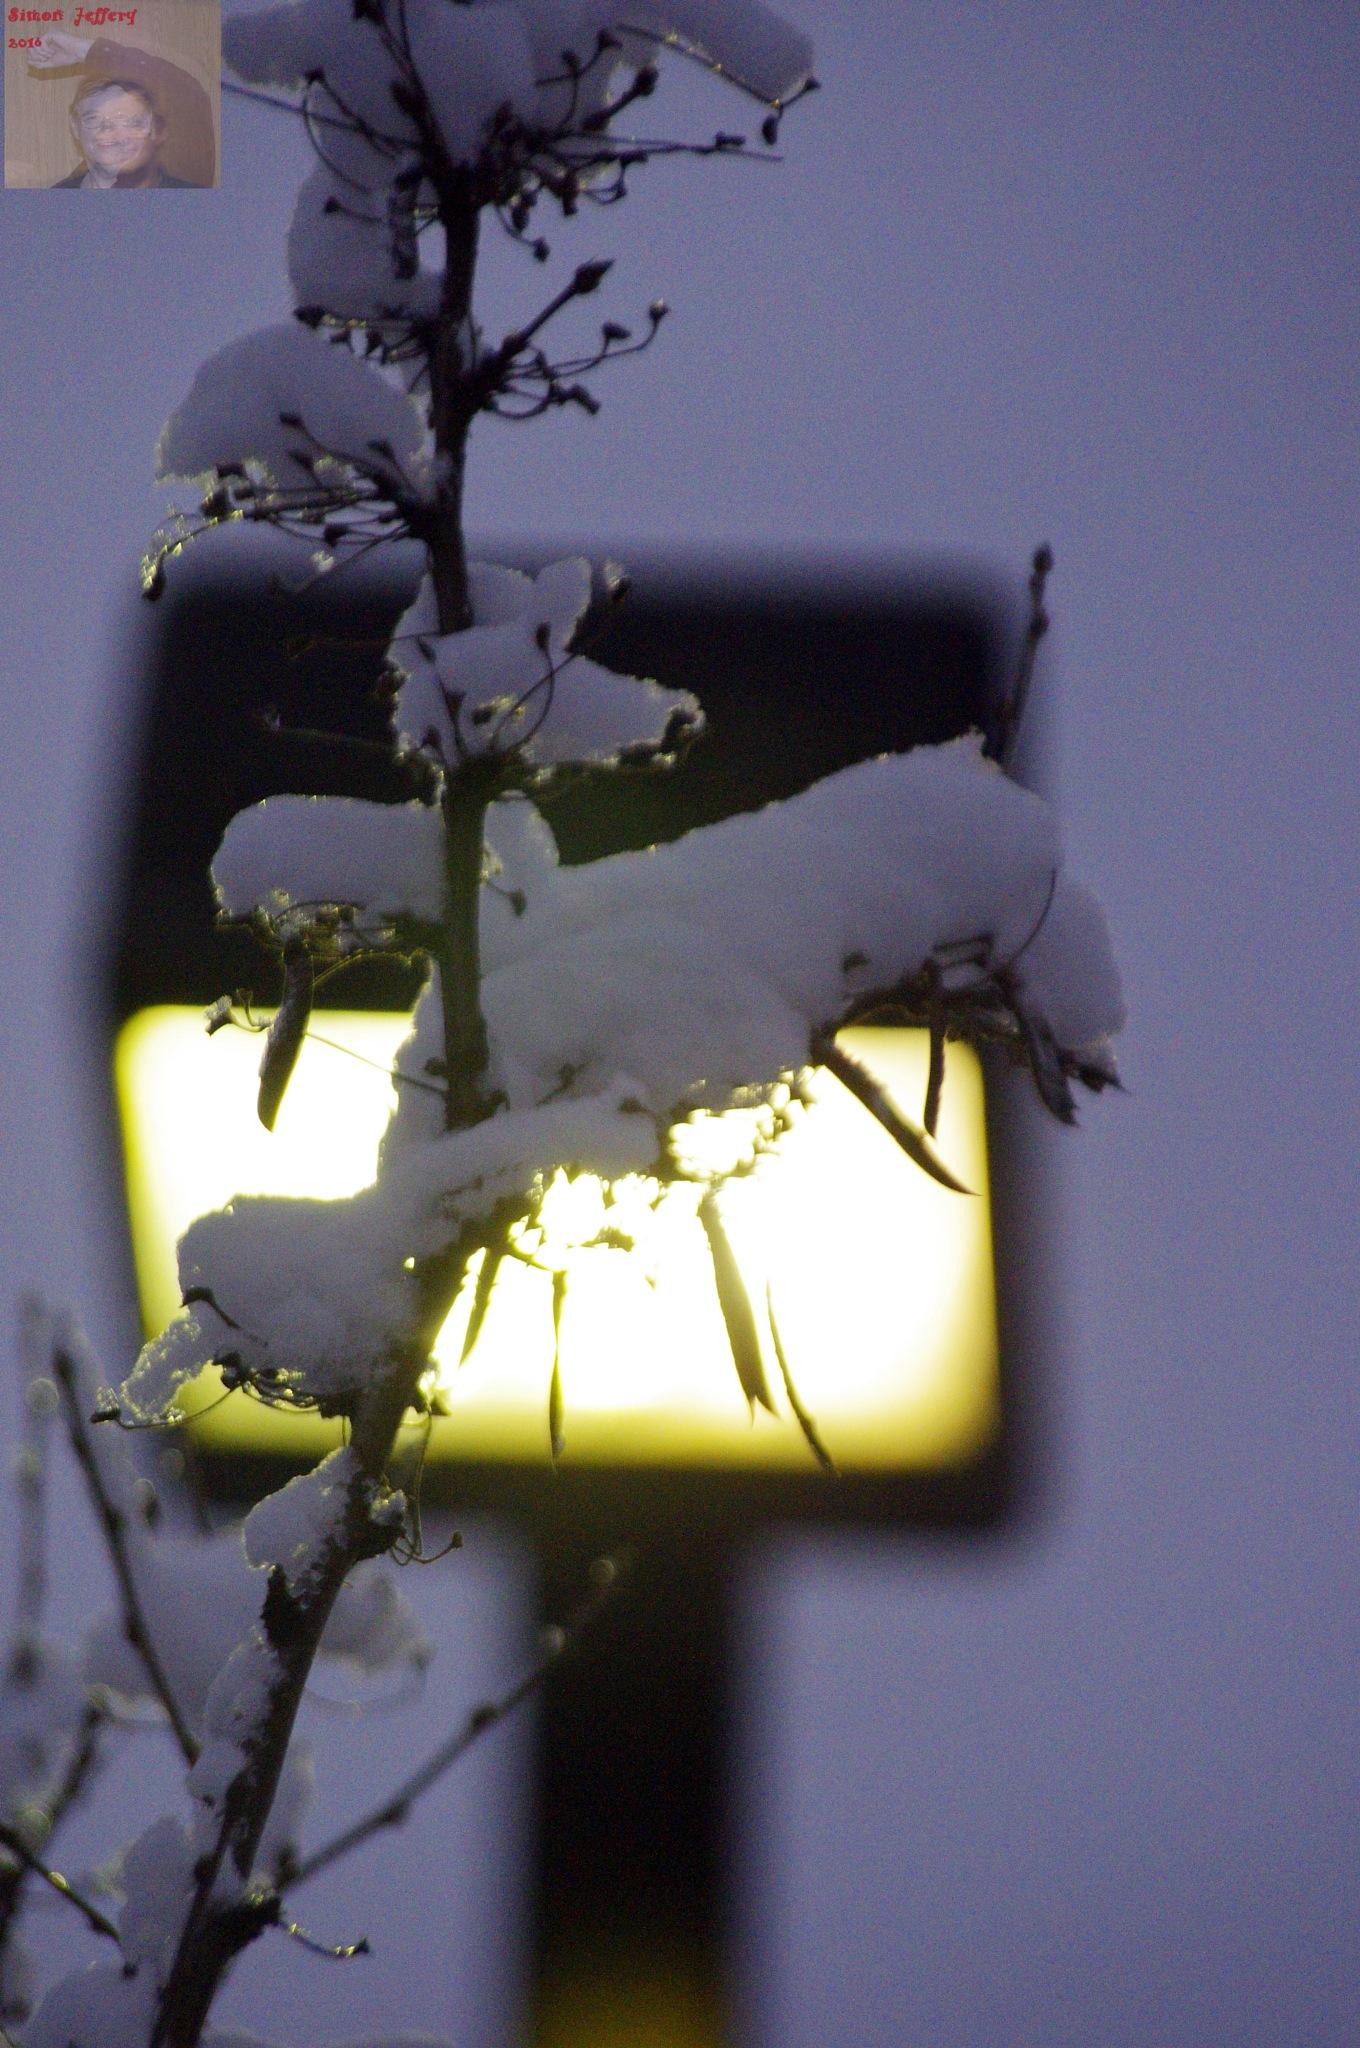 Back lit plant by Simon Jeffery